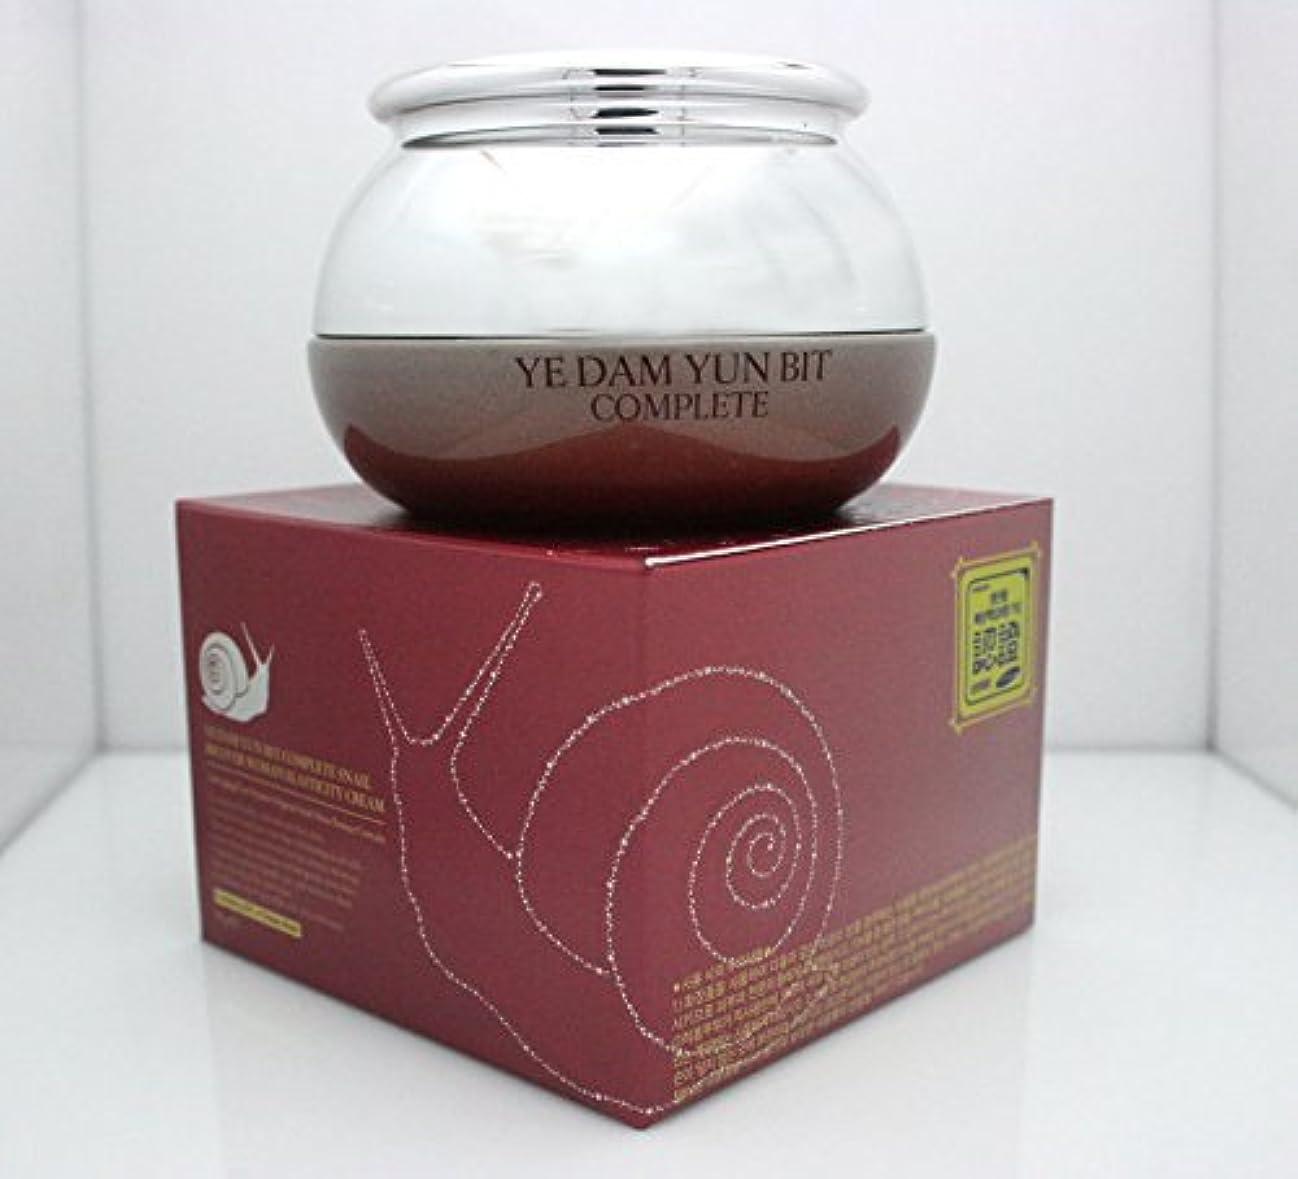 バケット通知する[YEDAM YUNBIT] 完全なカタツムリ?リフト?リフティング?クリーム50g/韓国化粧品/Complete Snail Recover Lifting Cream 50g/Korean cosmetics [並行輸入品]